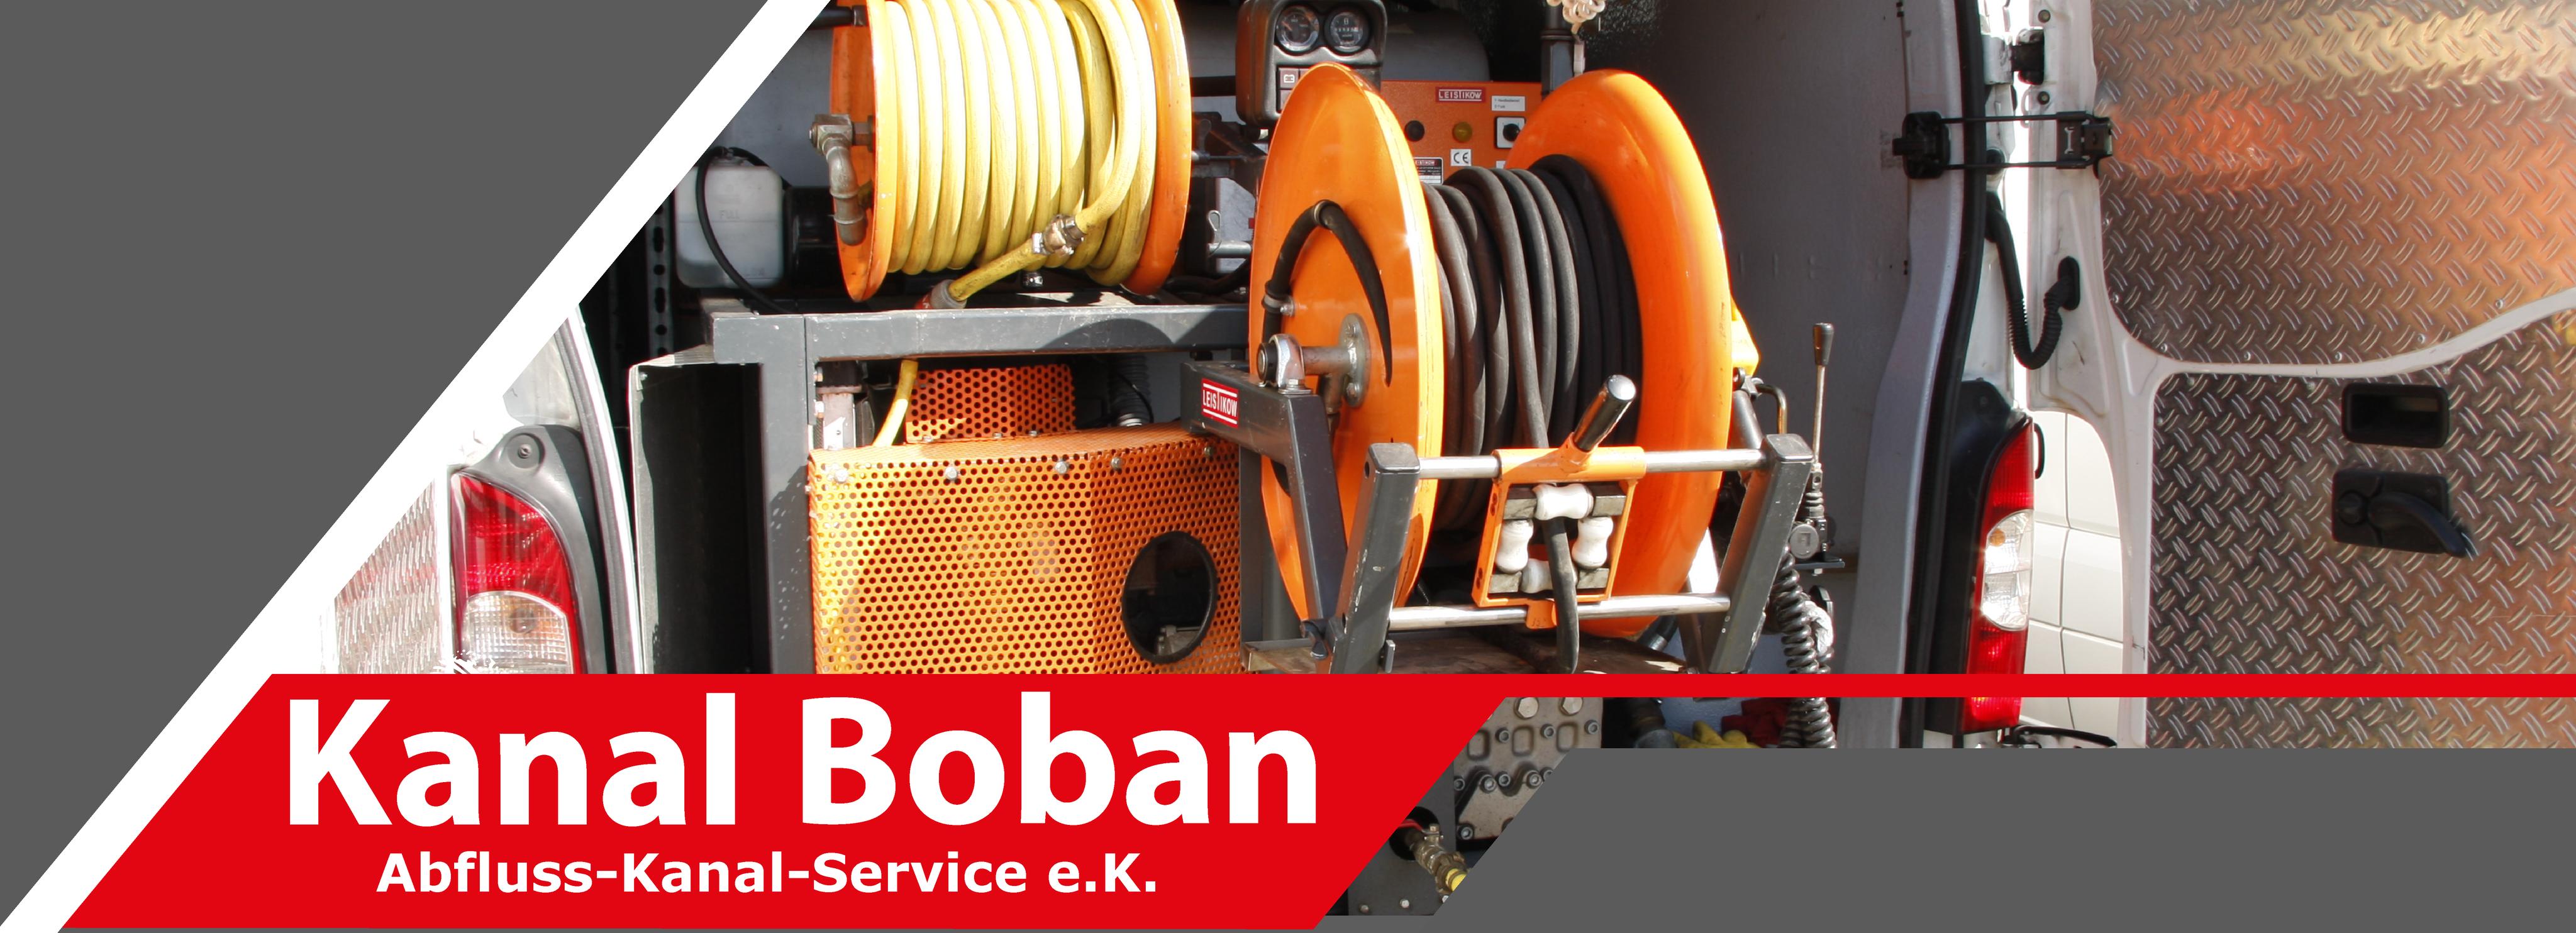 Home - Kanal Boban - Kanal Boban Abluss-Kanal-Service e.K.